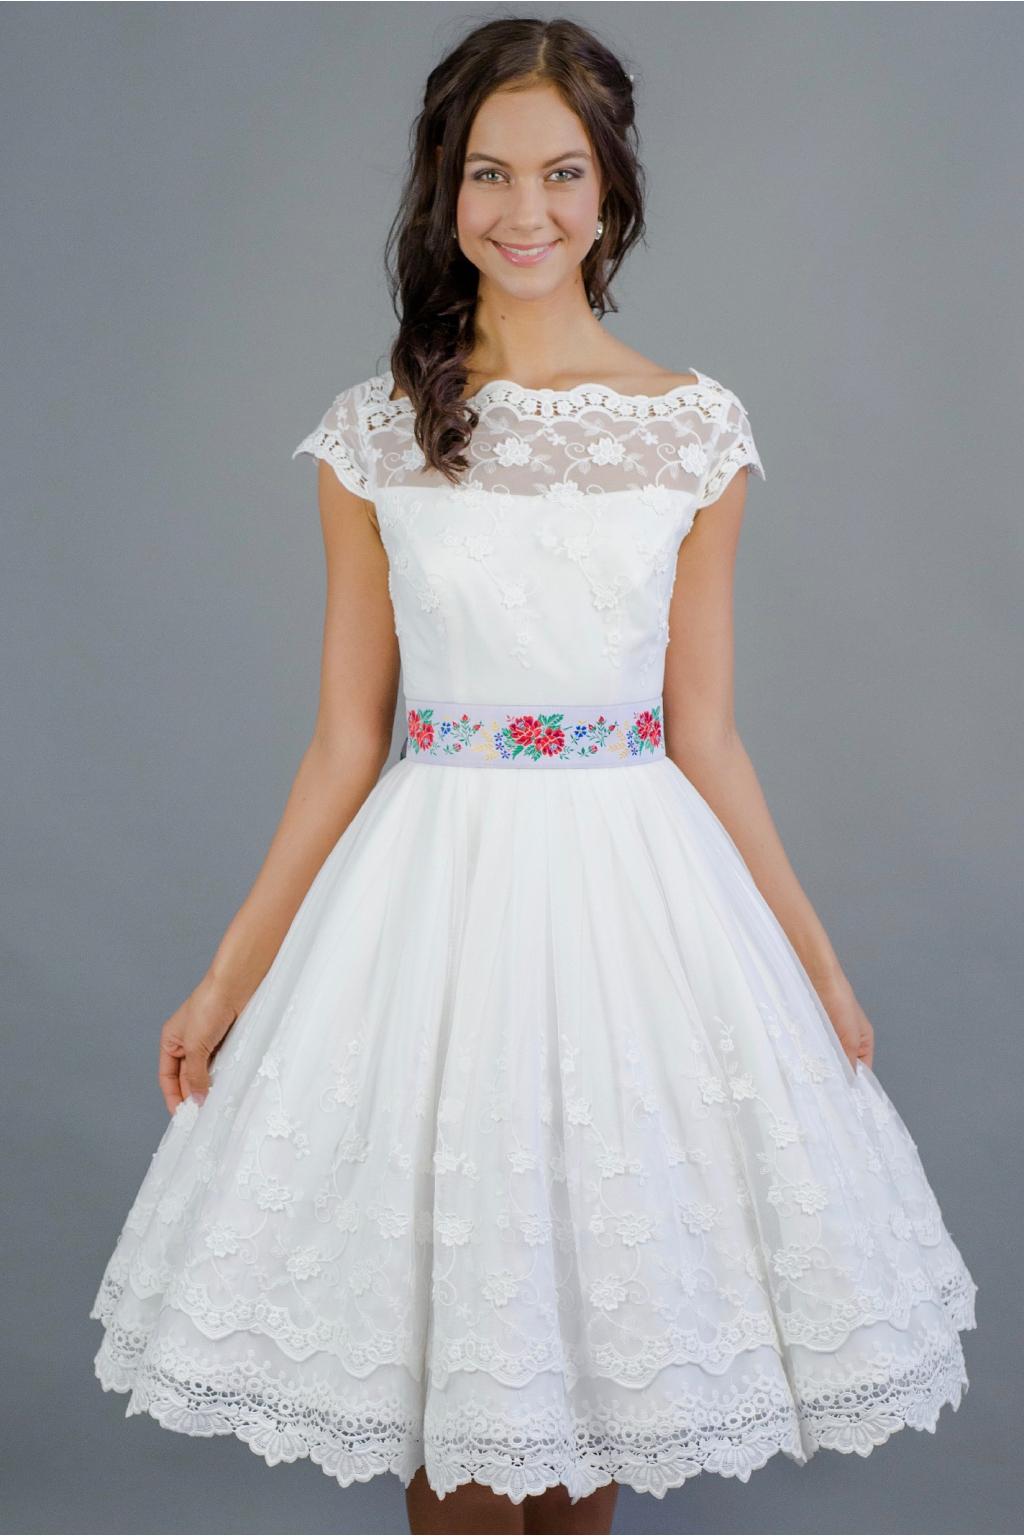 originální svatební šaty ušité ze starodávné bavlněné krajky  živůtek ... a93867181f